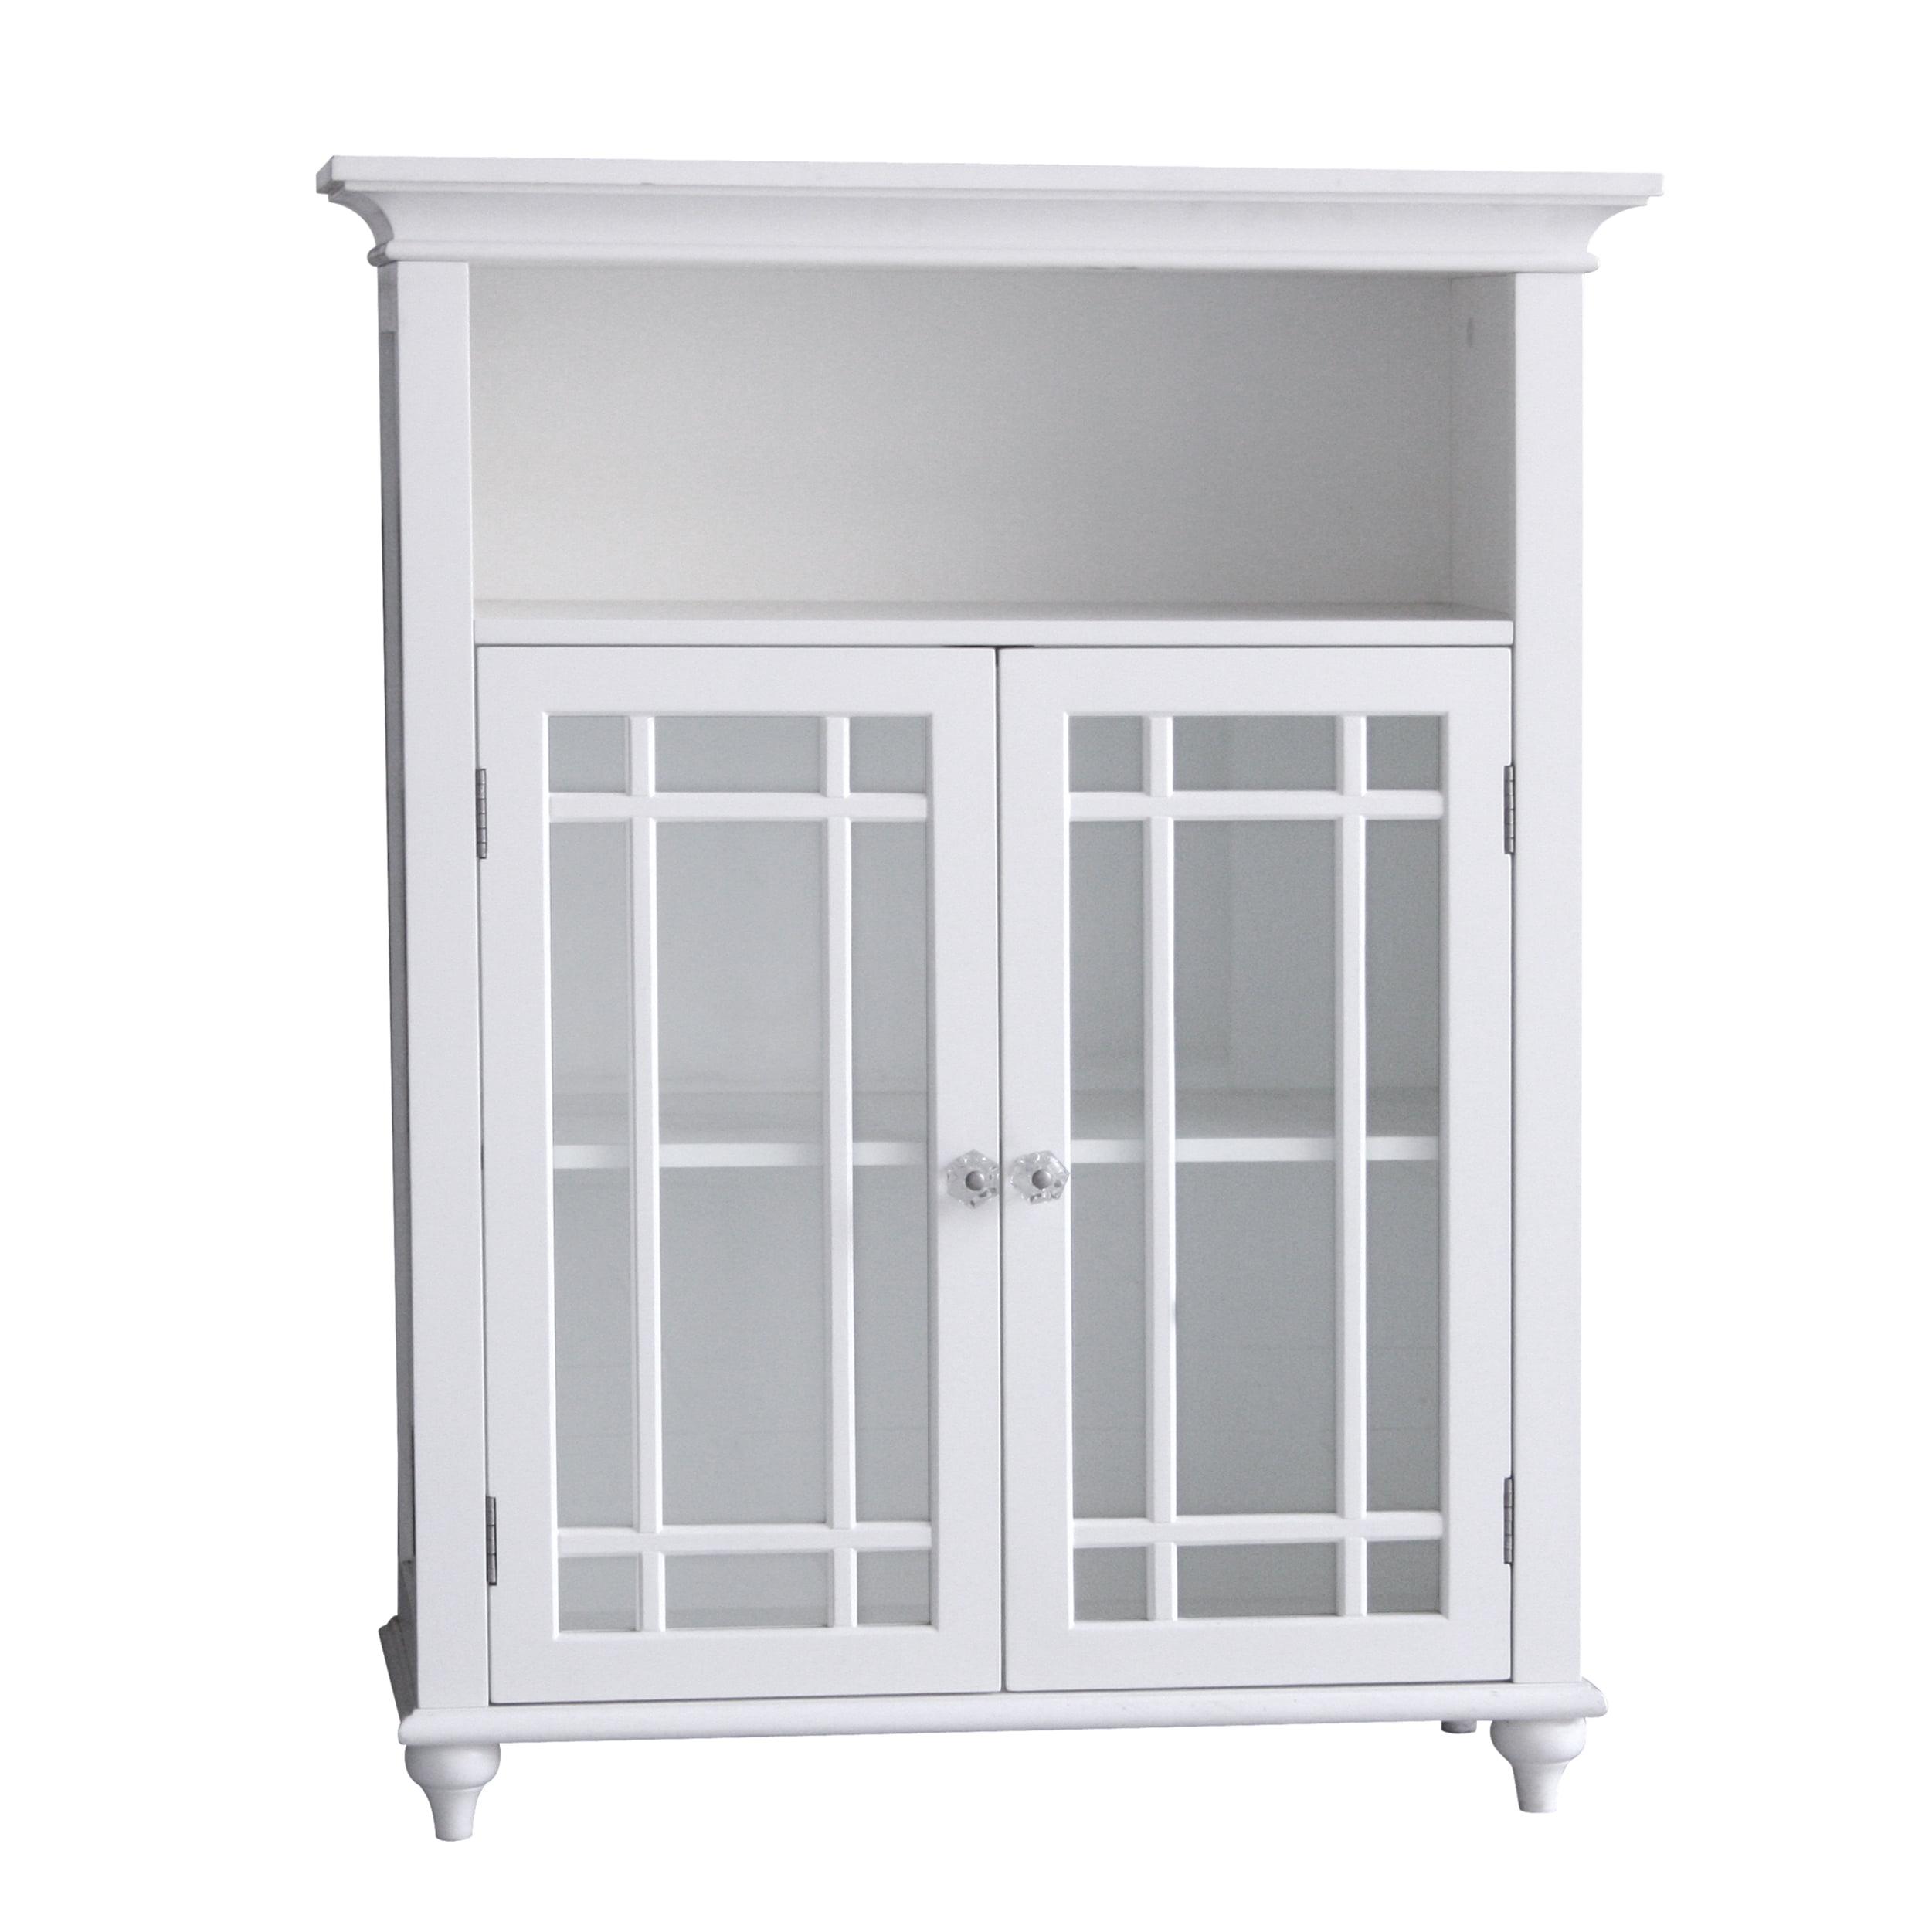 Heritage Double Door Floor Cabinet White Bathroom Storage Organizer ...